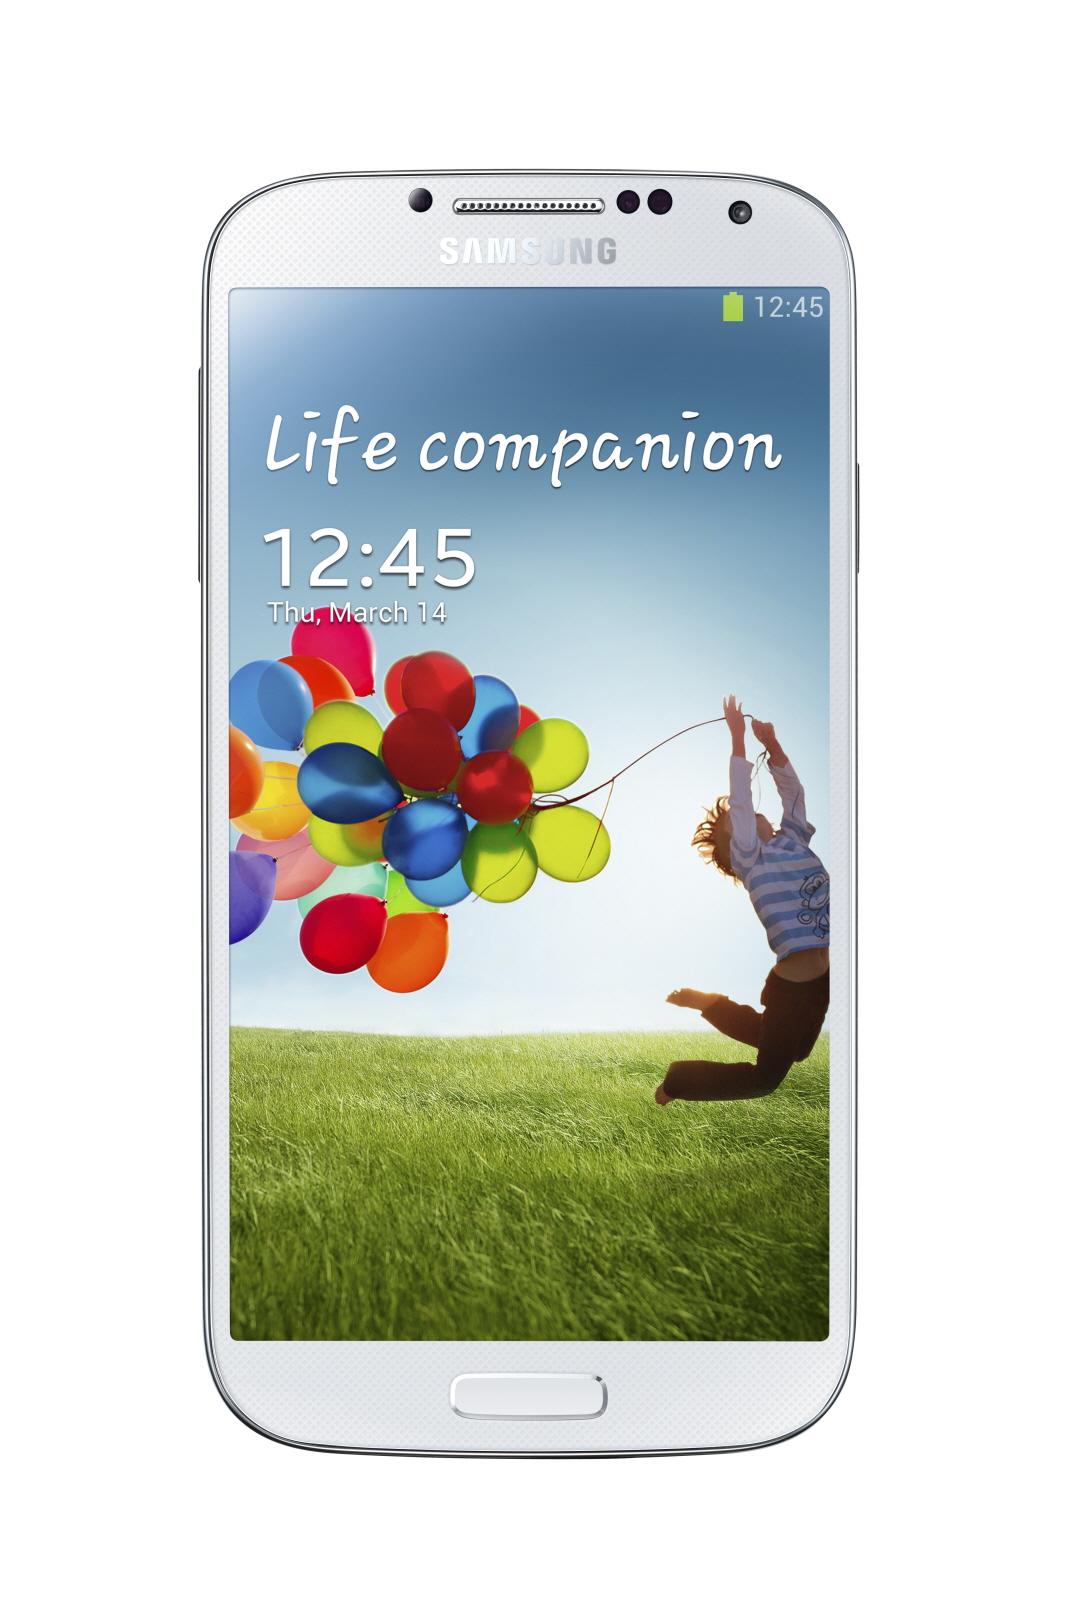 Samsung Galaxy S 4 GT-I9500 - Тестирование  Детальный тест